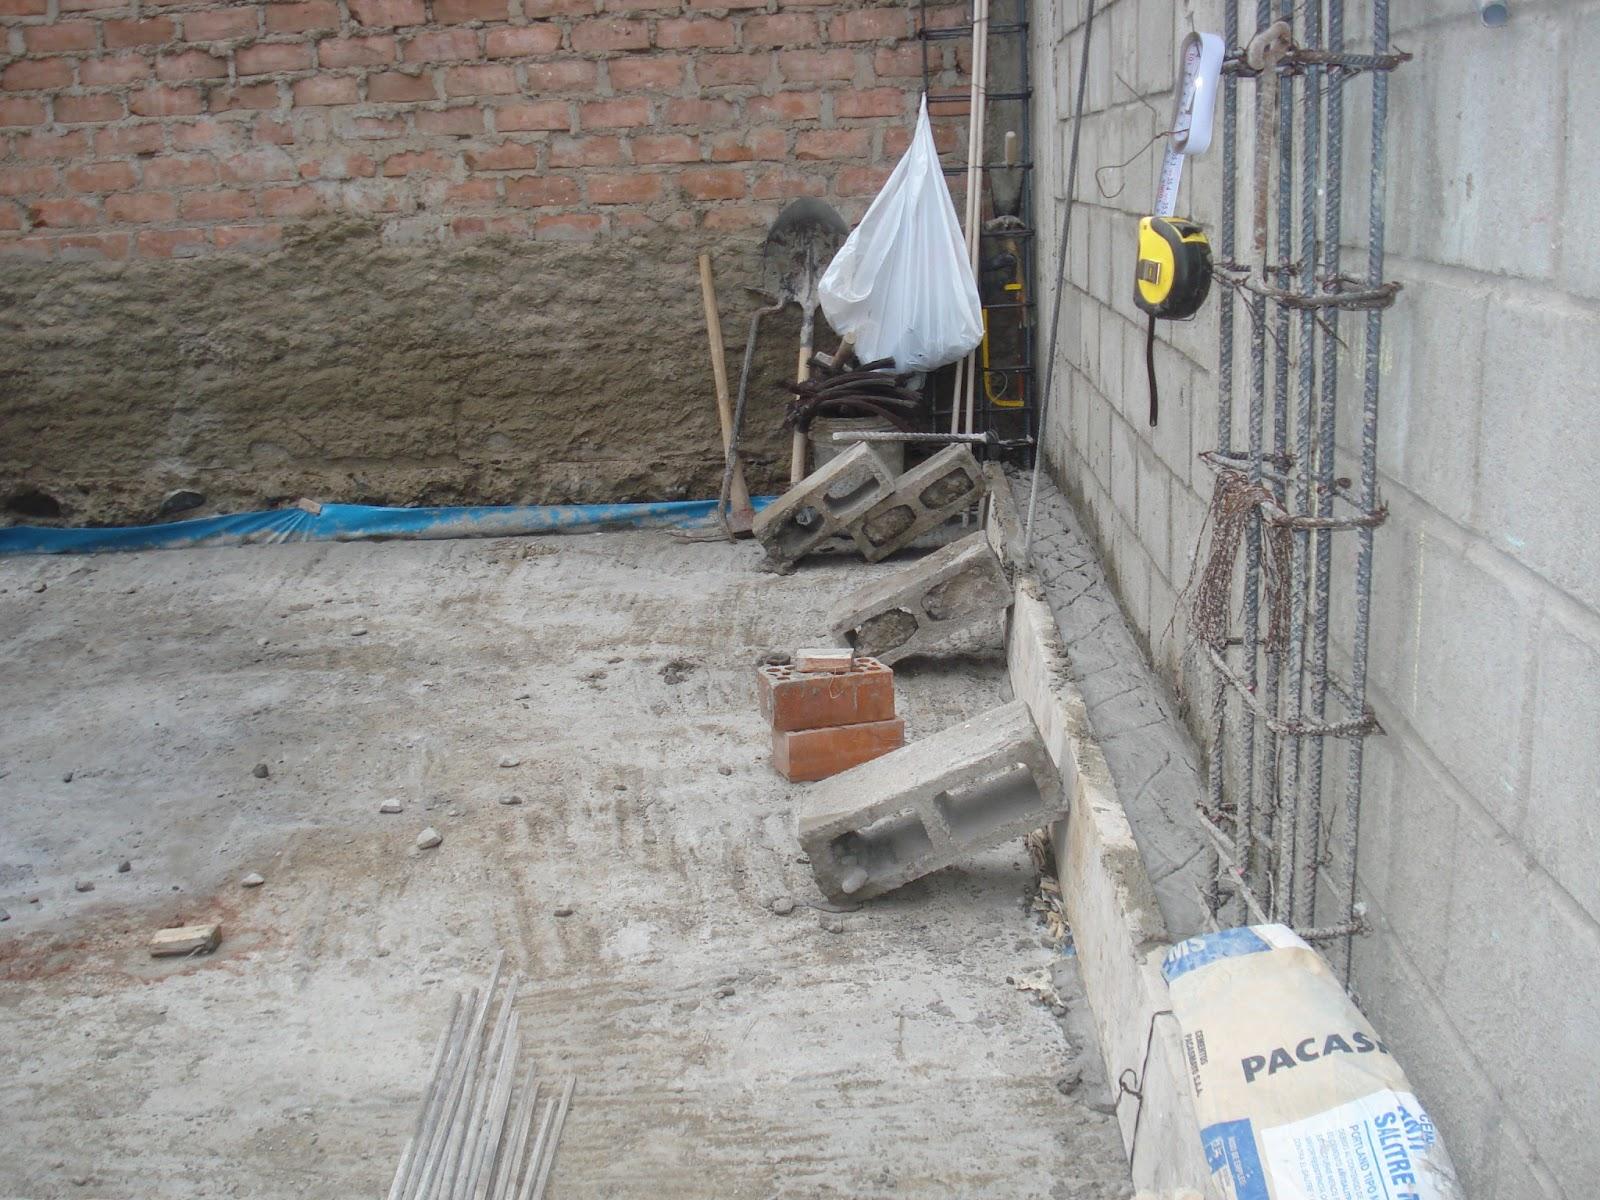 Construcci n de una casa sobrecimientos - Construccion de una casa ...